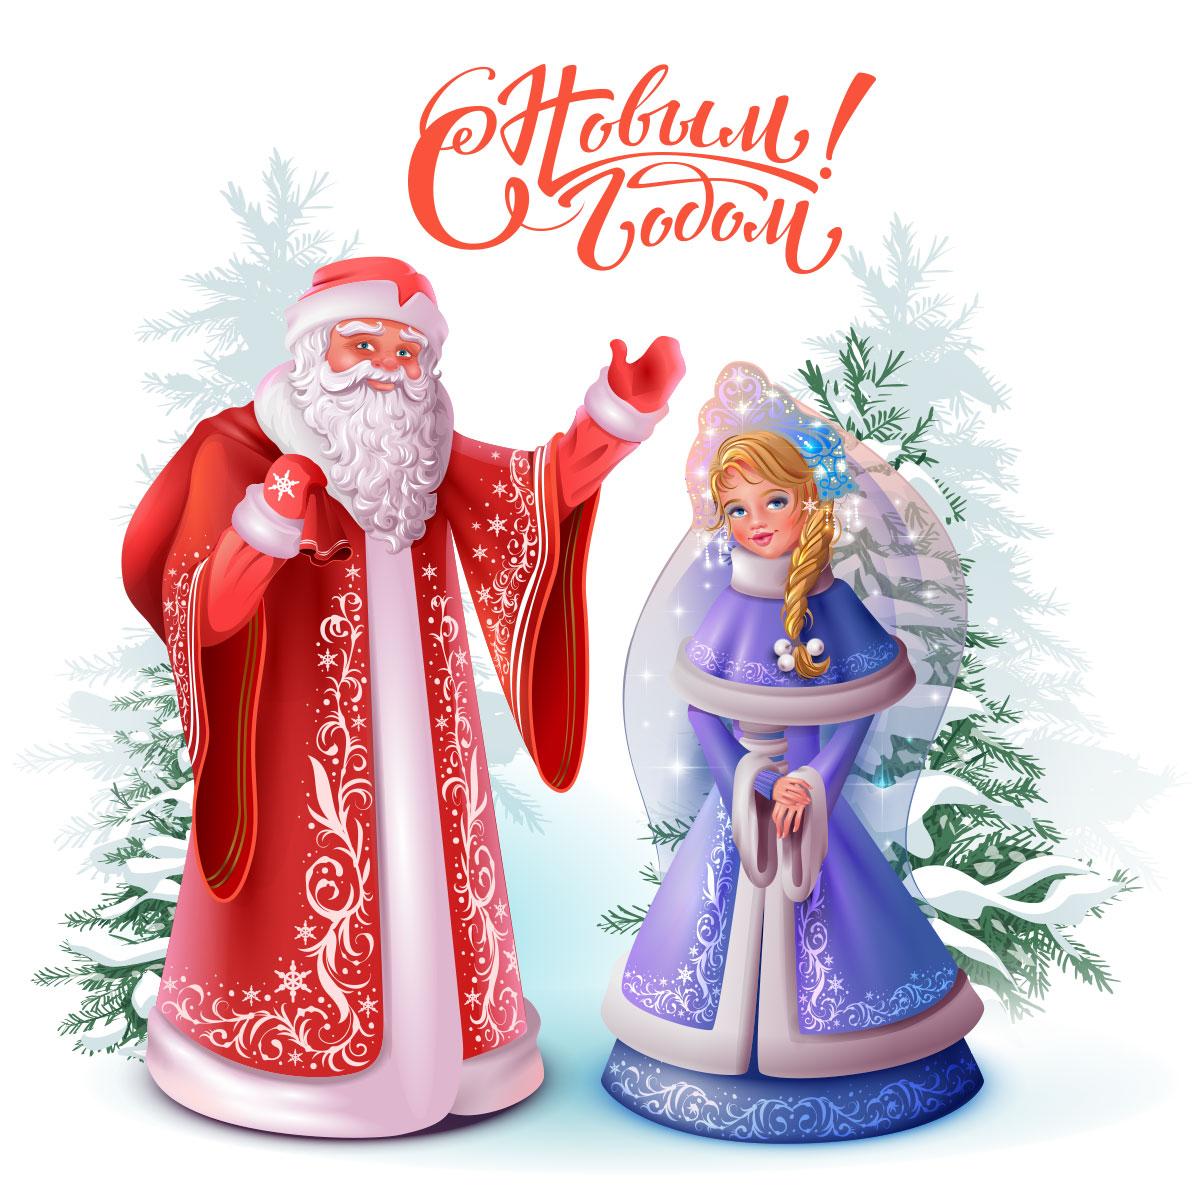 Картинка с текстом - поздравление от деда мороза с новым годом с игрушечными статуэтками деда мороза и снегурочки на фоне заснеженных ёлок.